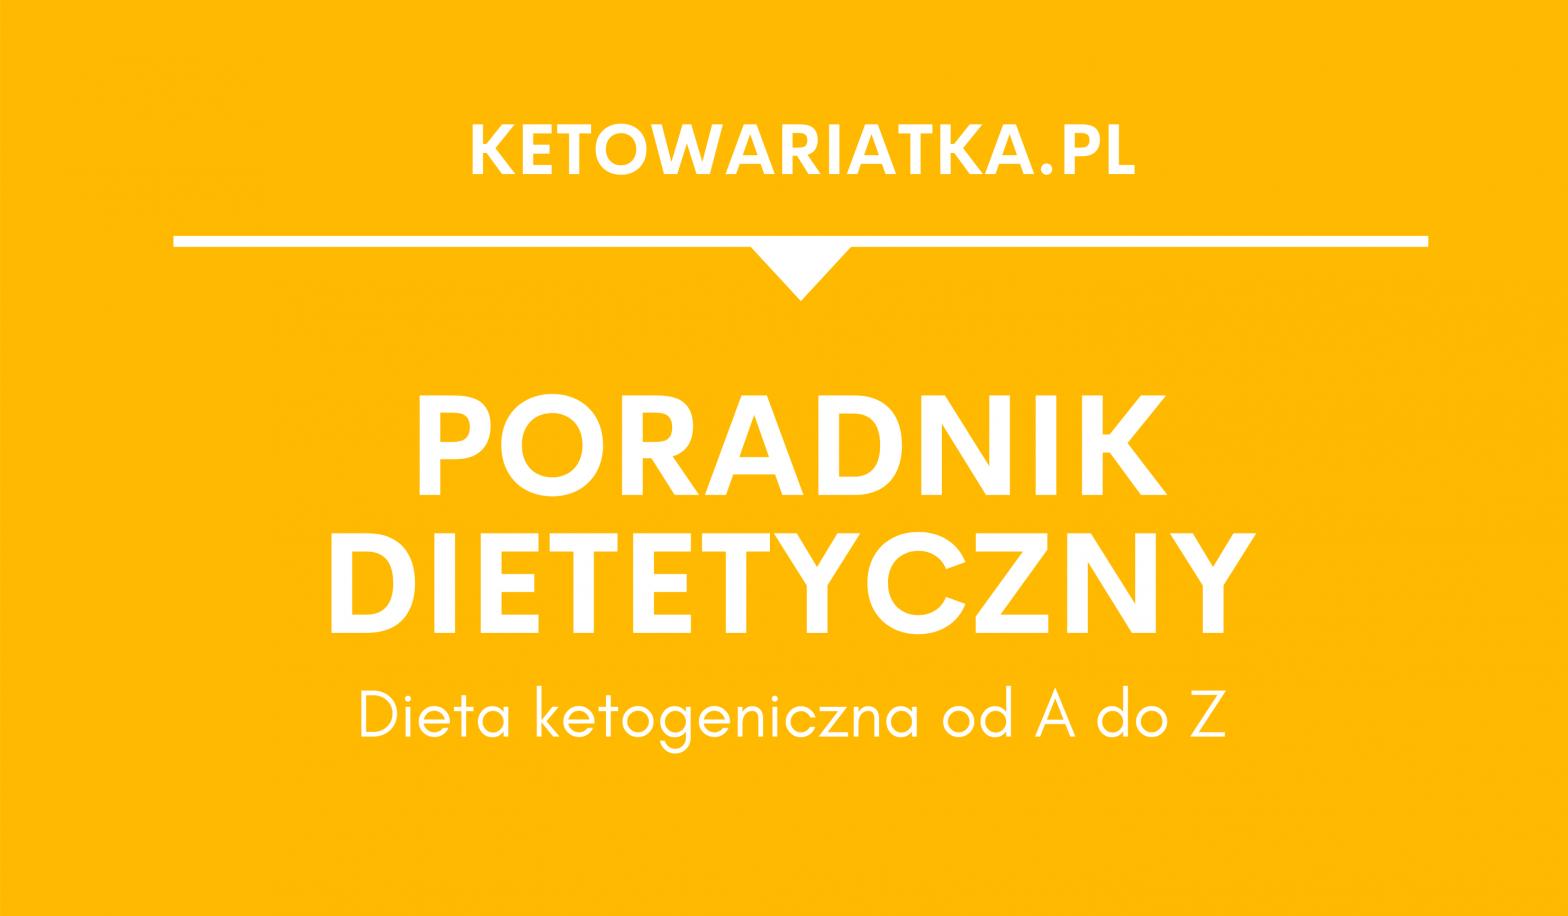 Poradnik dietetyczny: Dieta ketogeniczna od A do Z